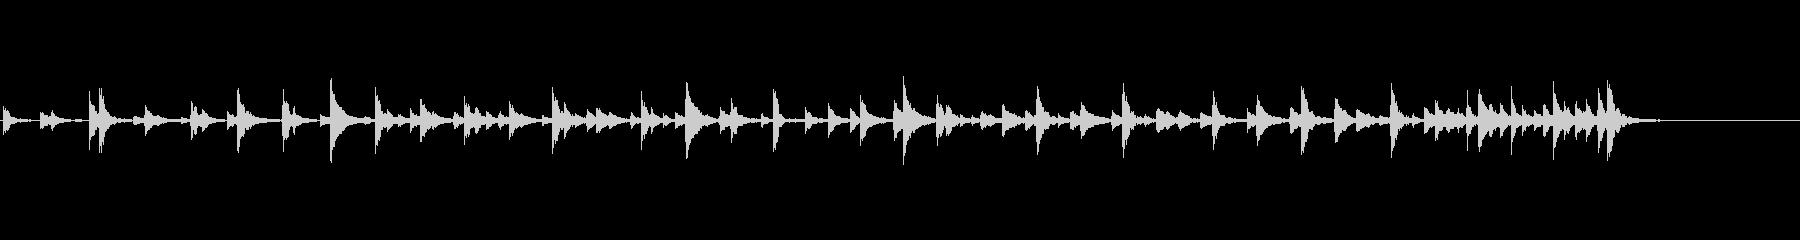 リズム、音楽、パーカッションドラム...の未再生の波形